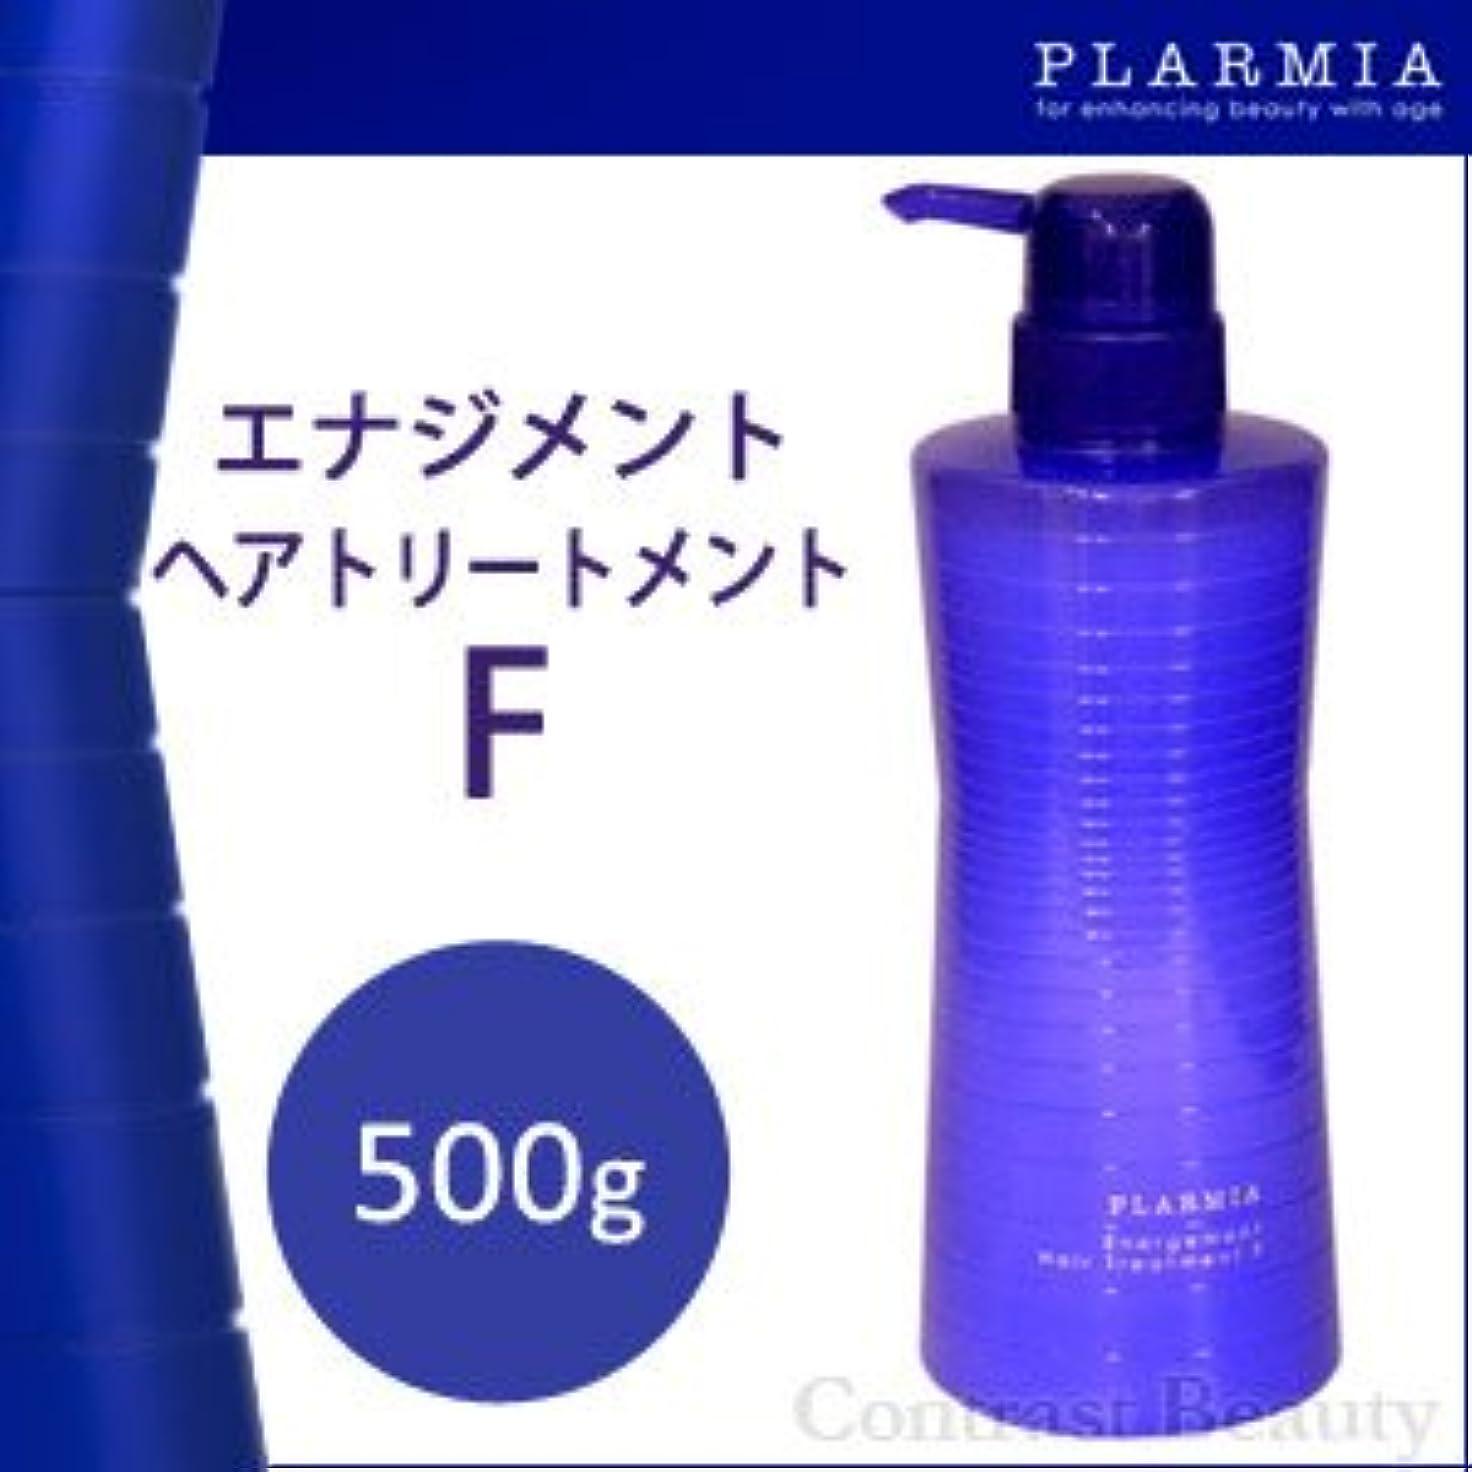 餌うがいセンサー【X3個セット】 ミルボン プラーミア エナジメントヘアトリートメントF 500g 【軟毛?ふんわりさせたい用】 Milbon PLARMIA